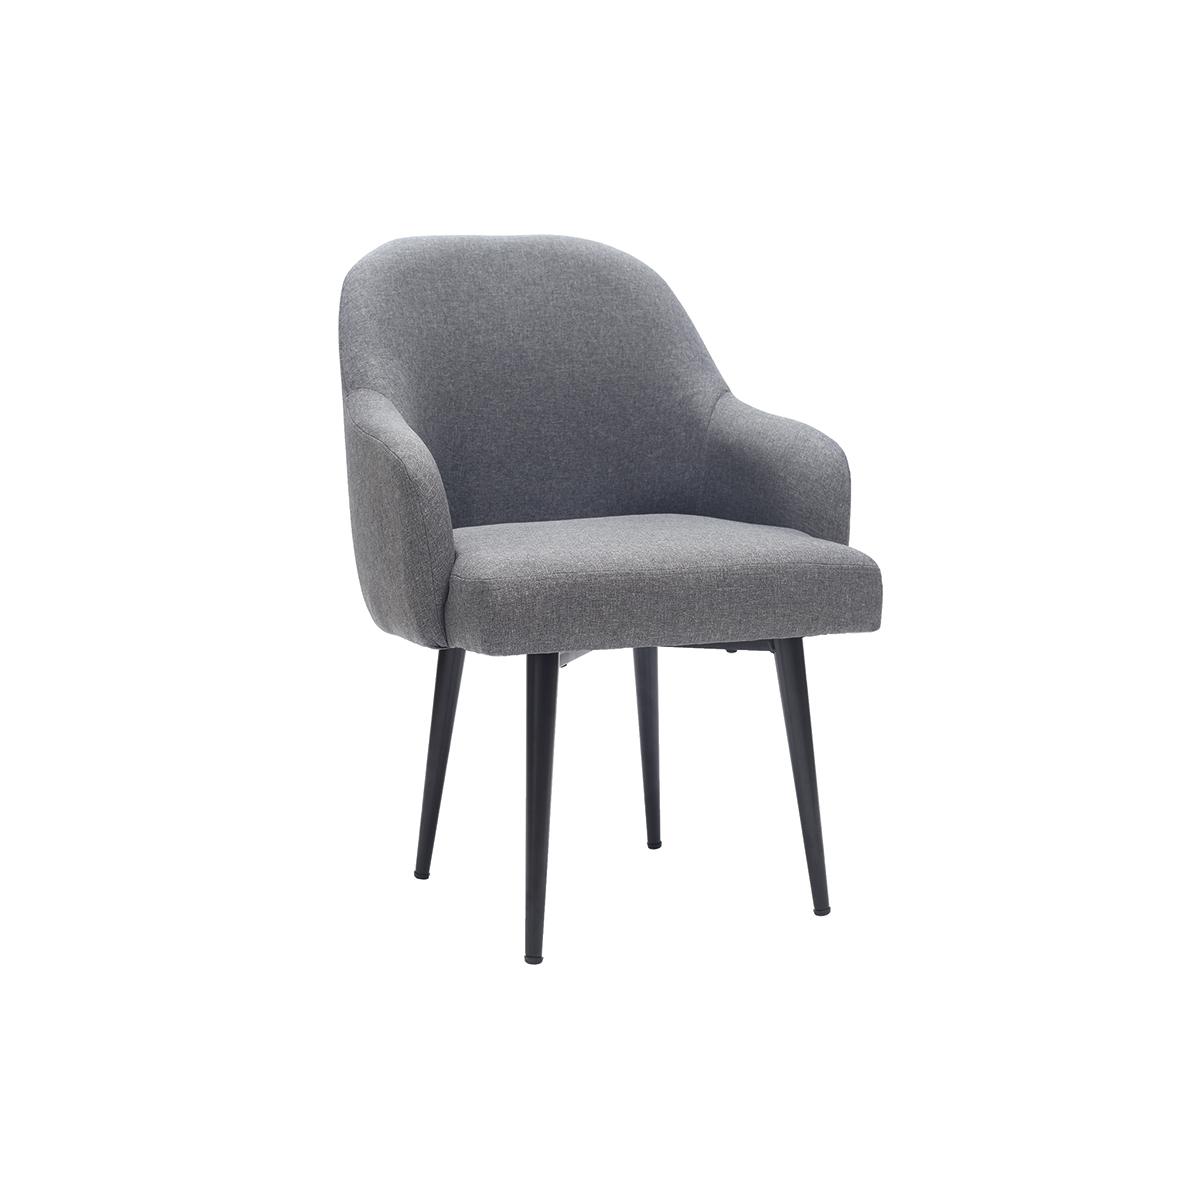 Poltrona design in tessuto grigio scuro e piedi in metallo nero AMON